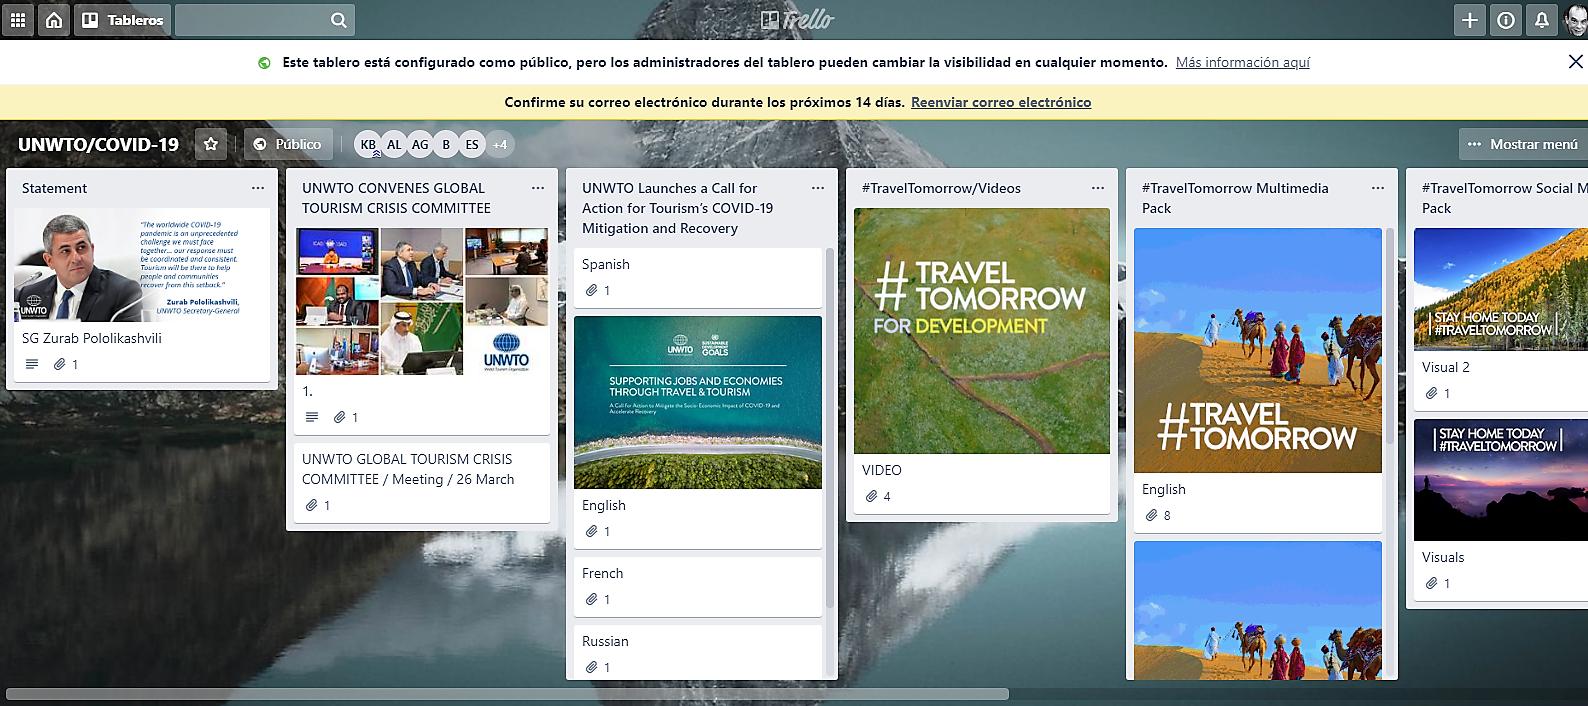 Campaña de la OMT Viajar Mañana